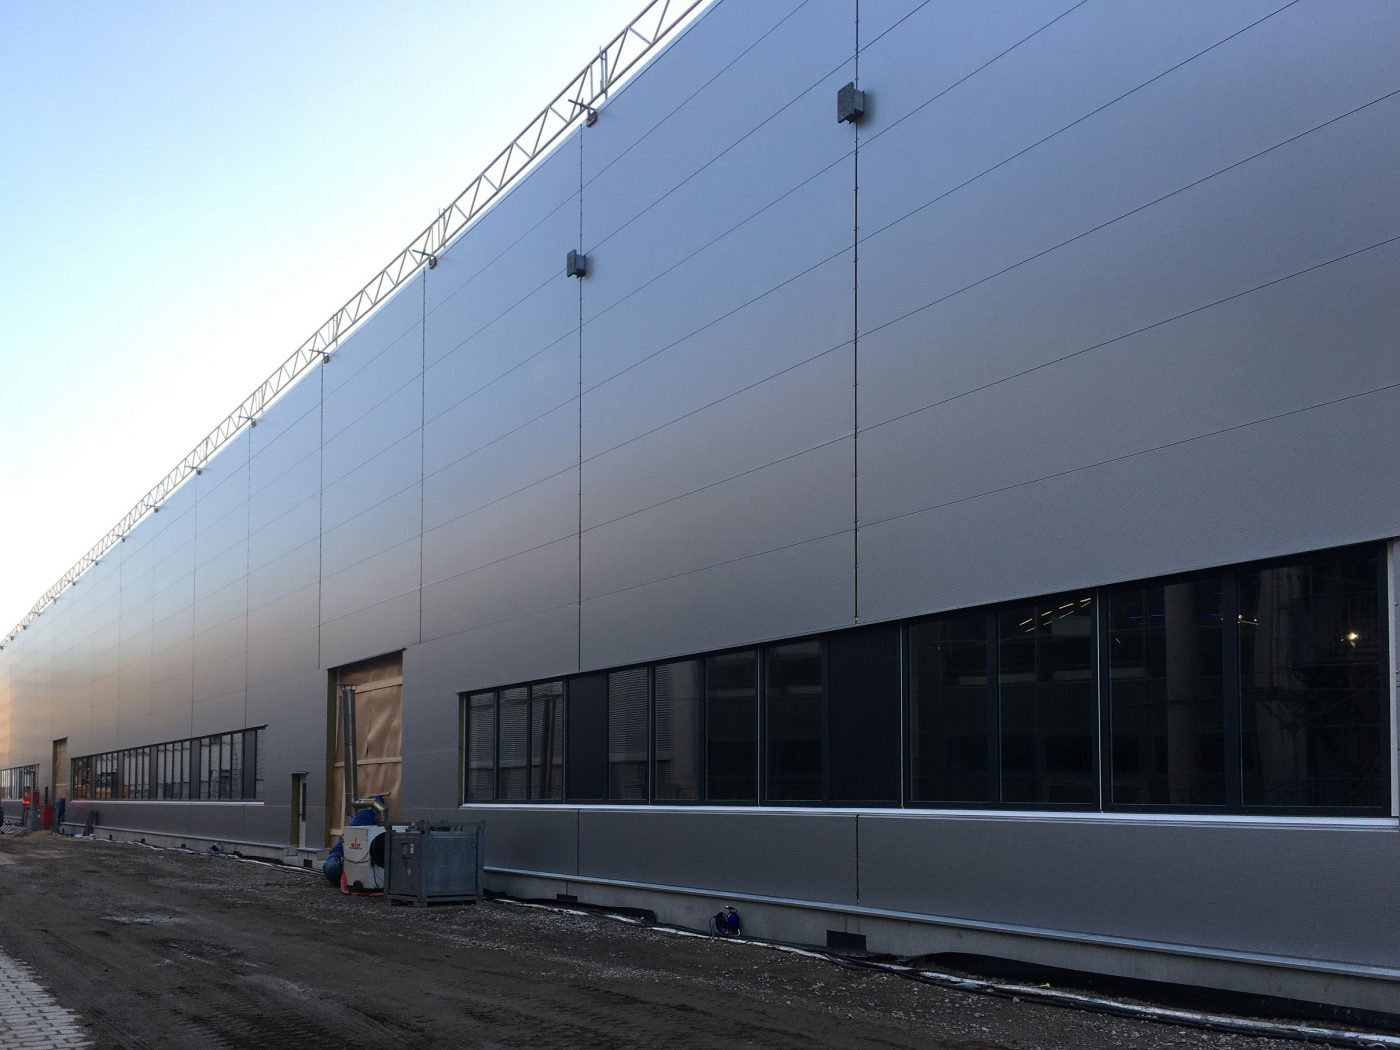 Wabe-Plan Architektur Industriehalle Esslingen Automobilhersteller, Baustelle